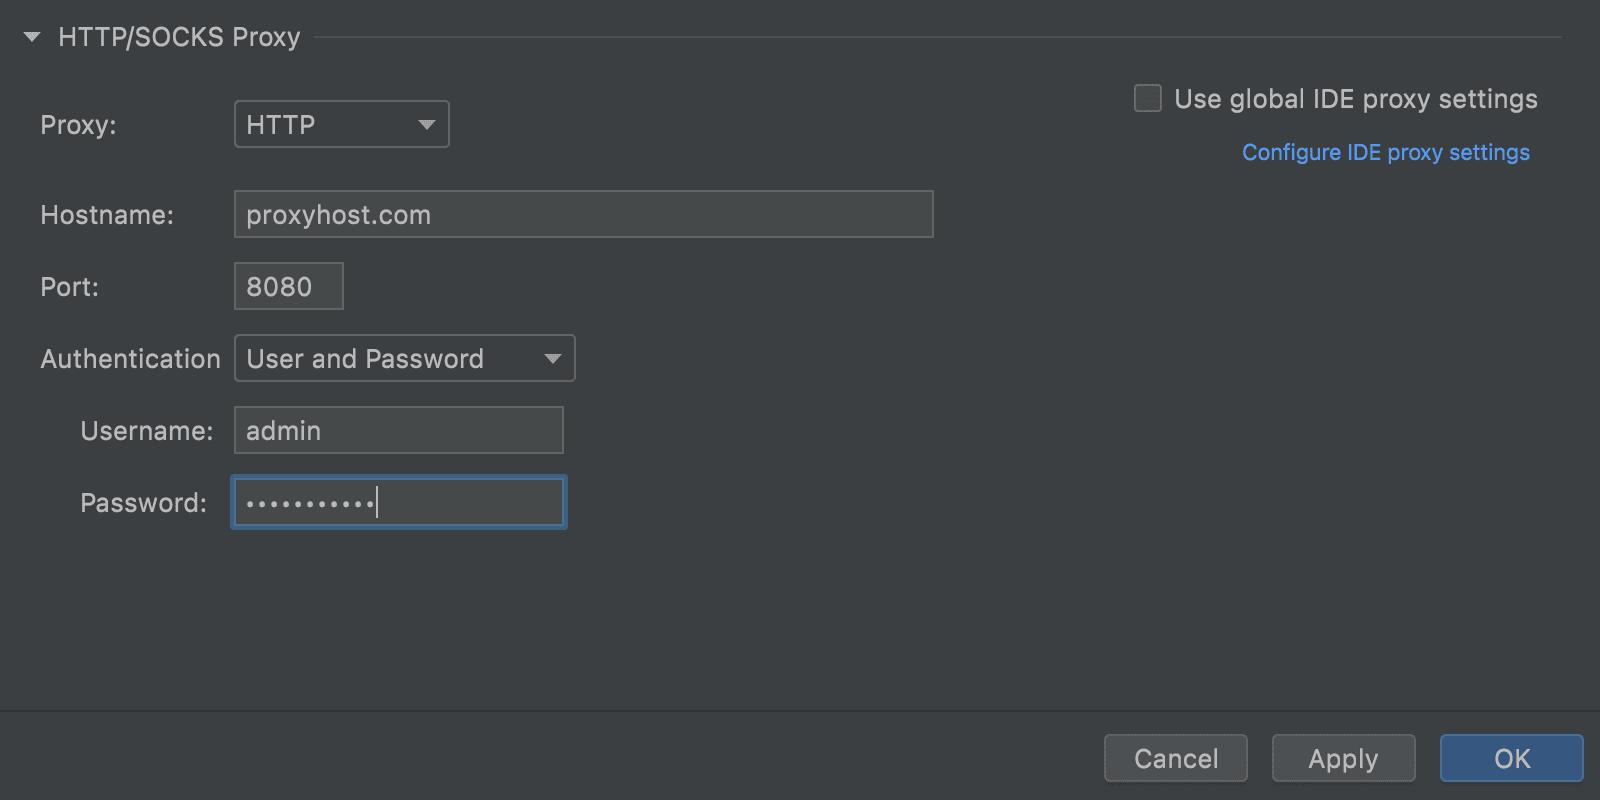 http-socks-proxy-settings-webstorm